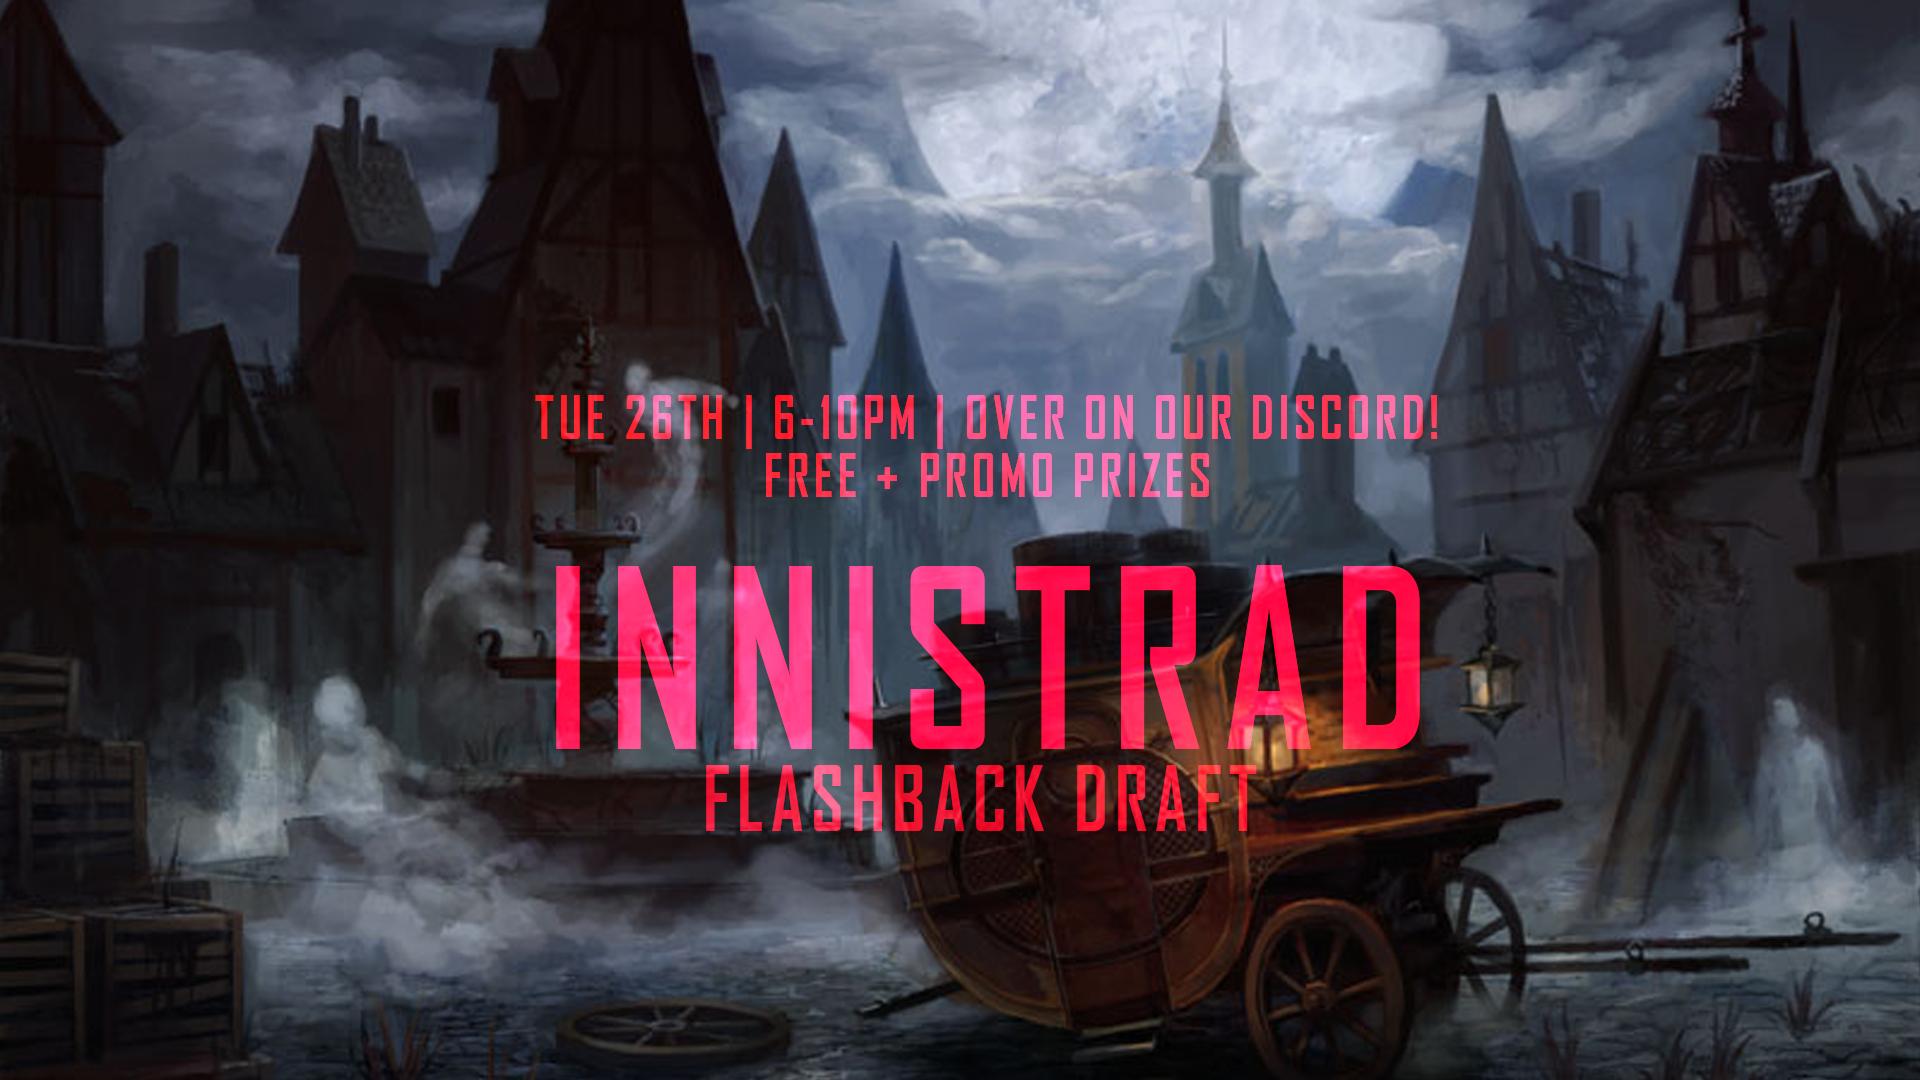 T3 W6 Draft Innistrad